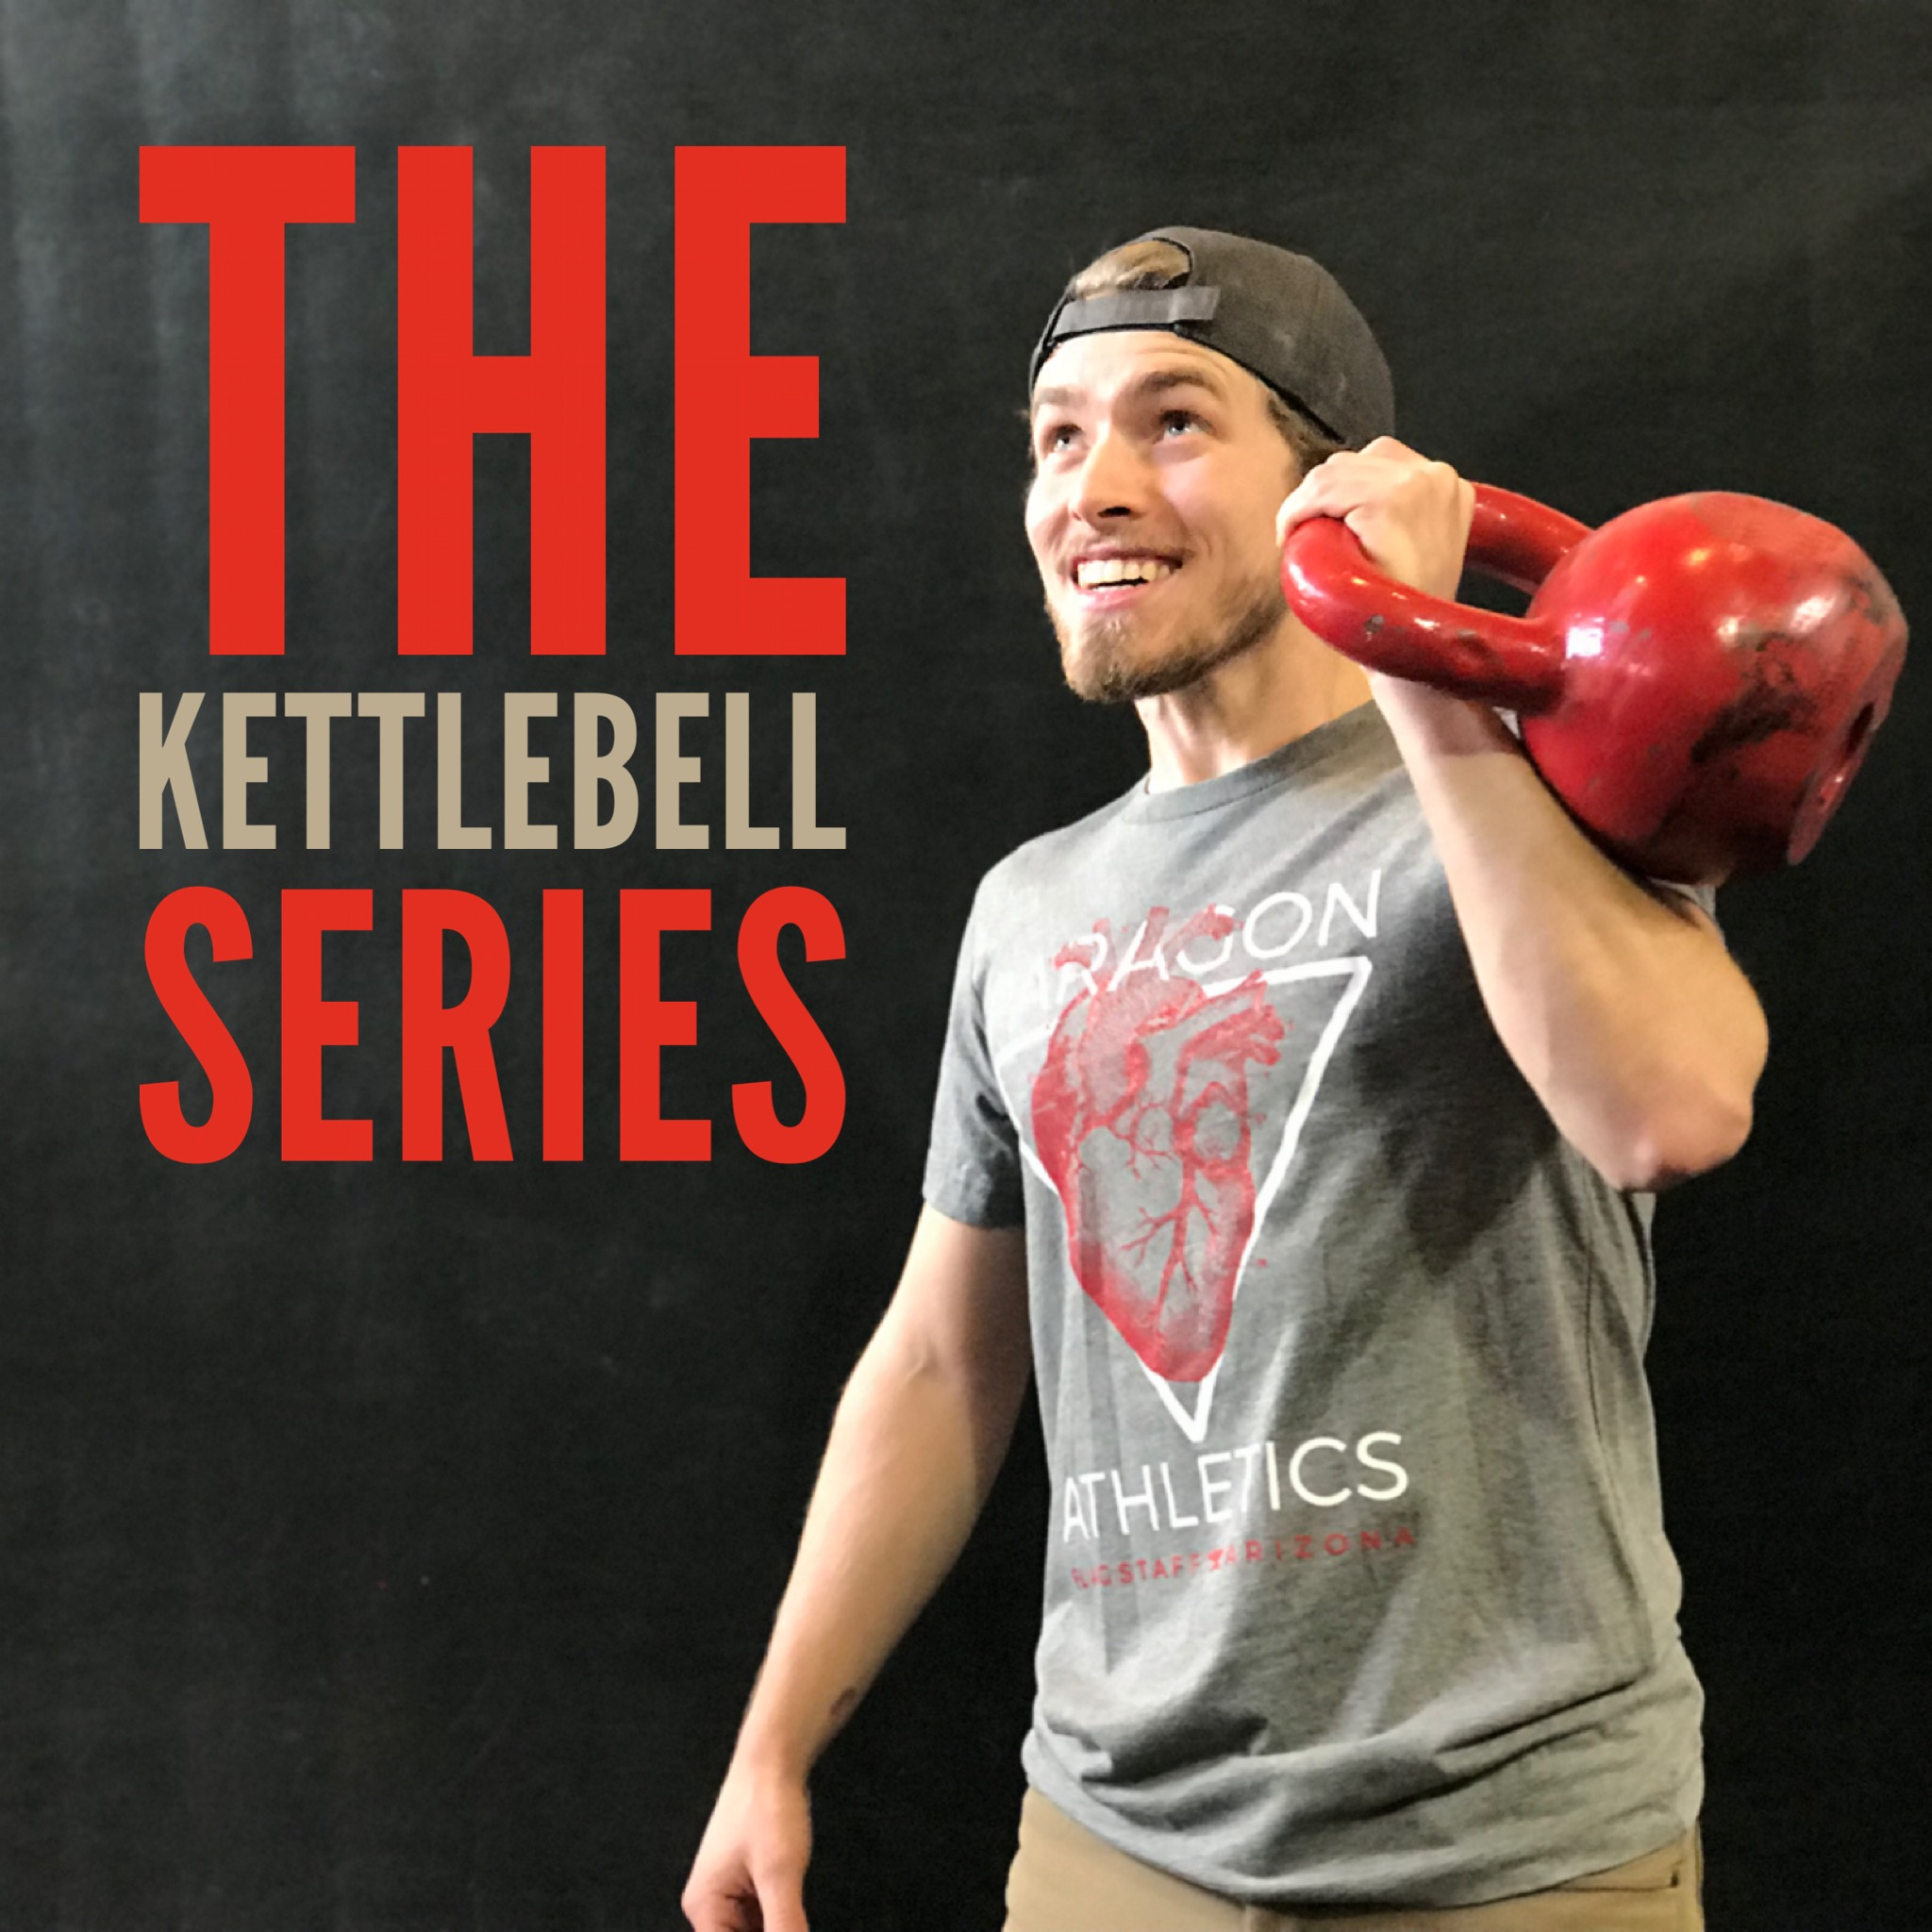 The Kettlebell Series.JPG